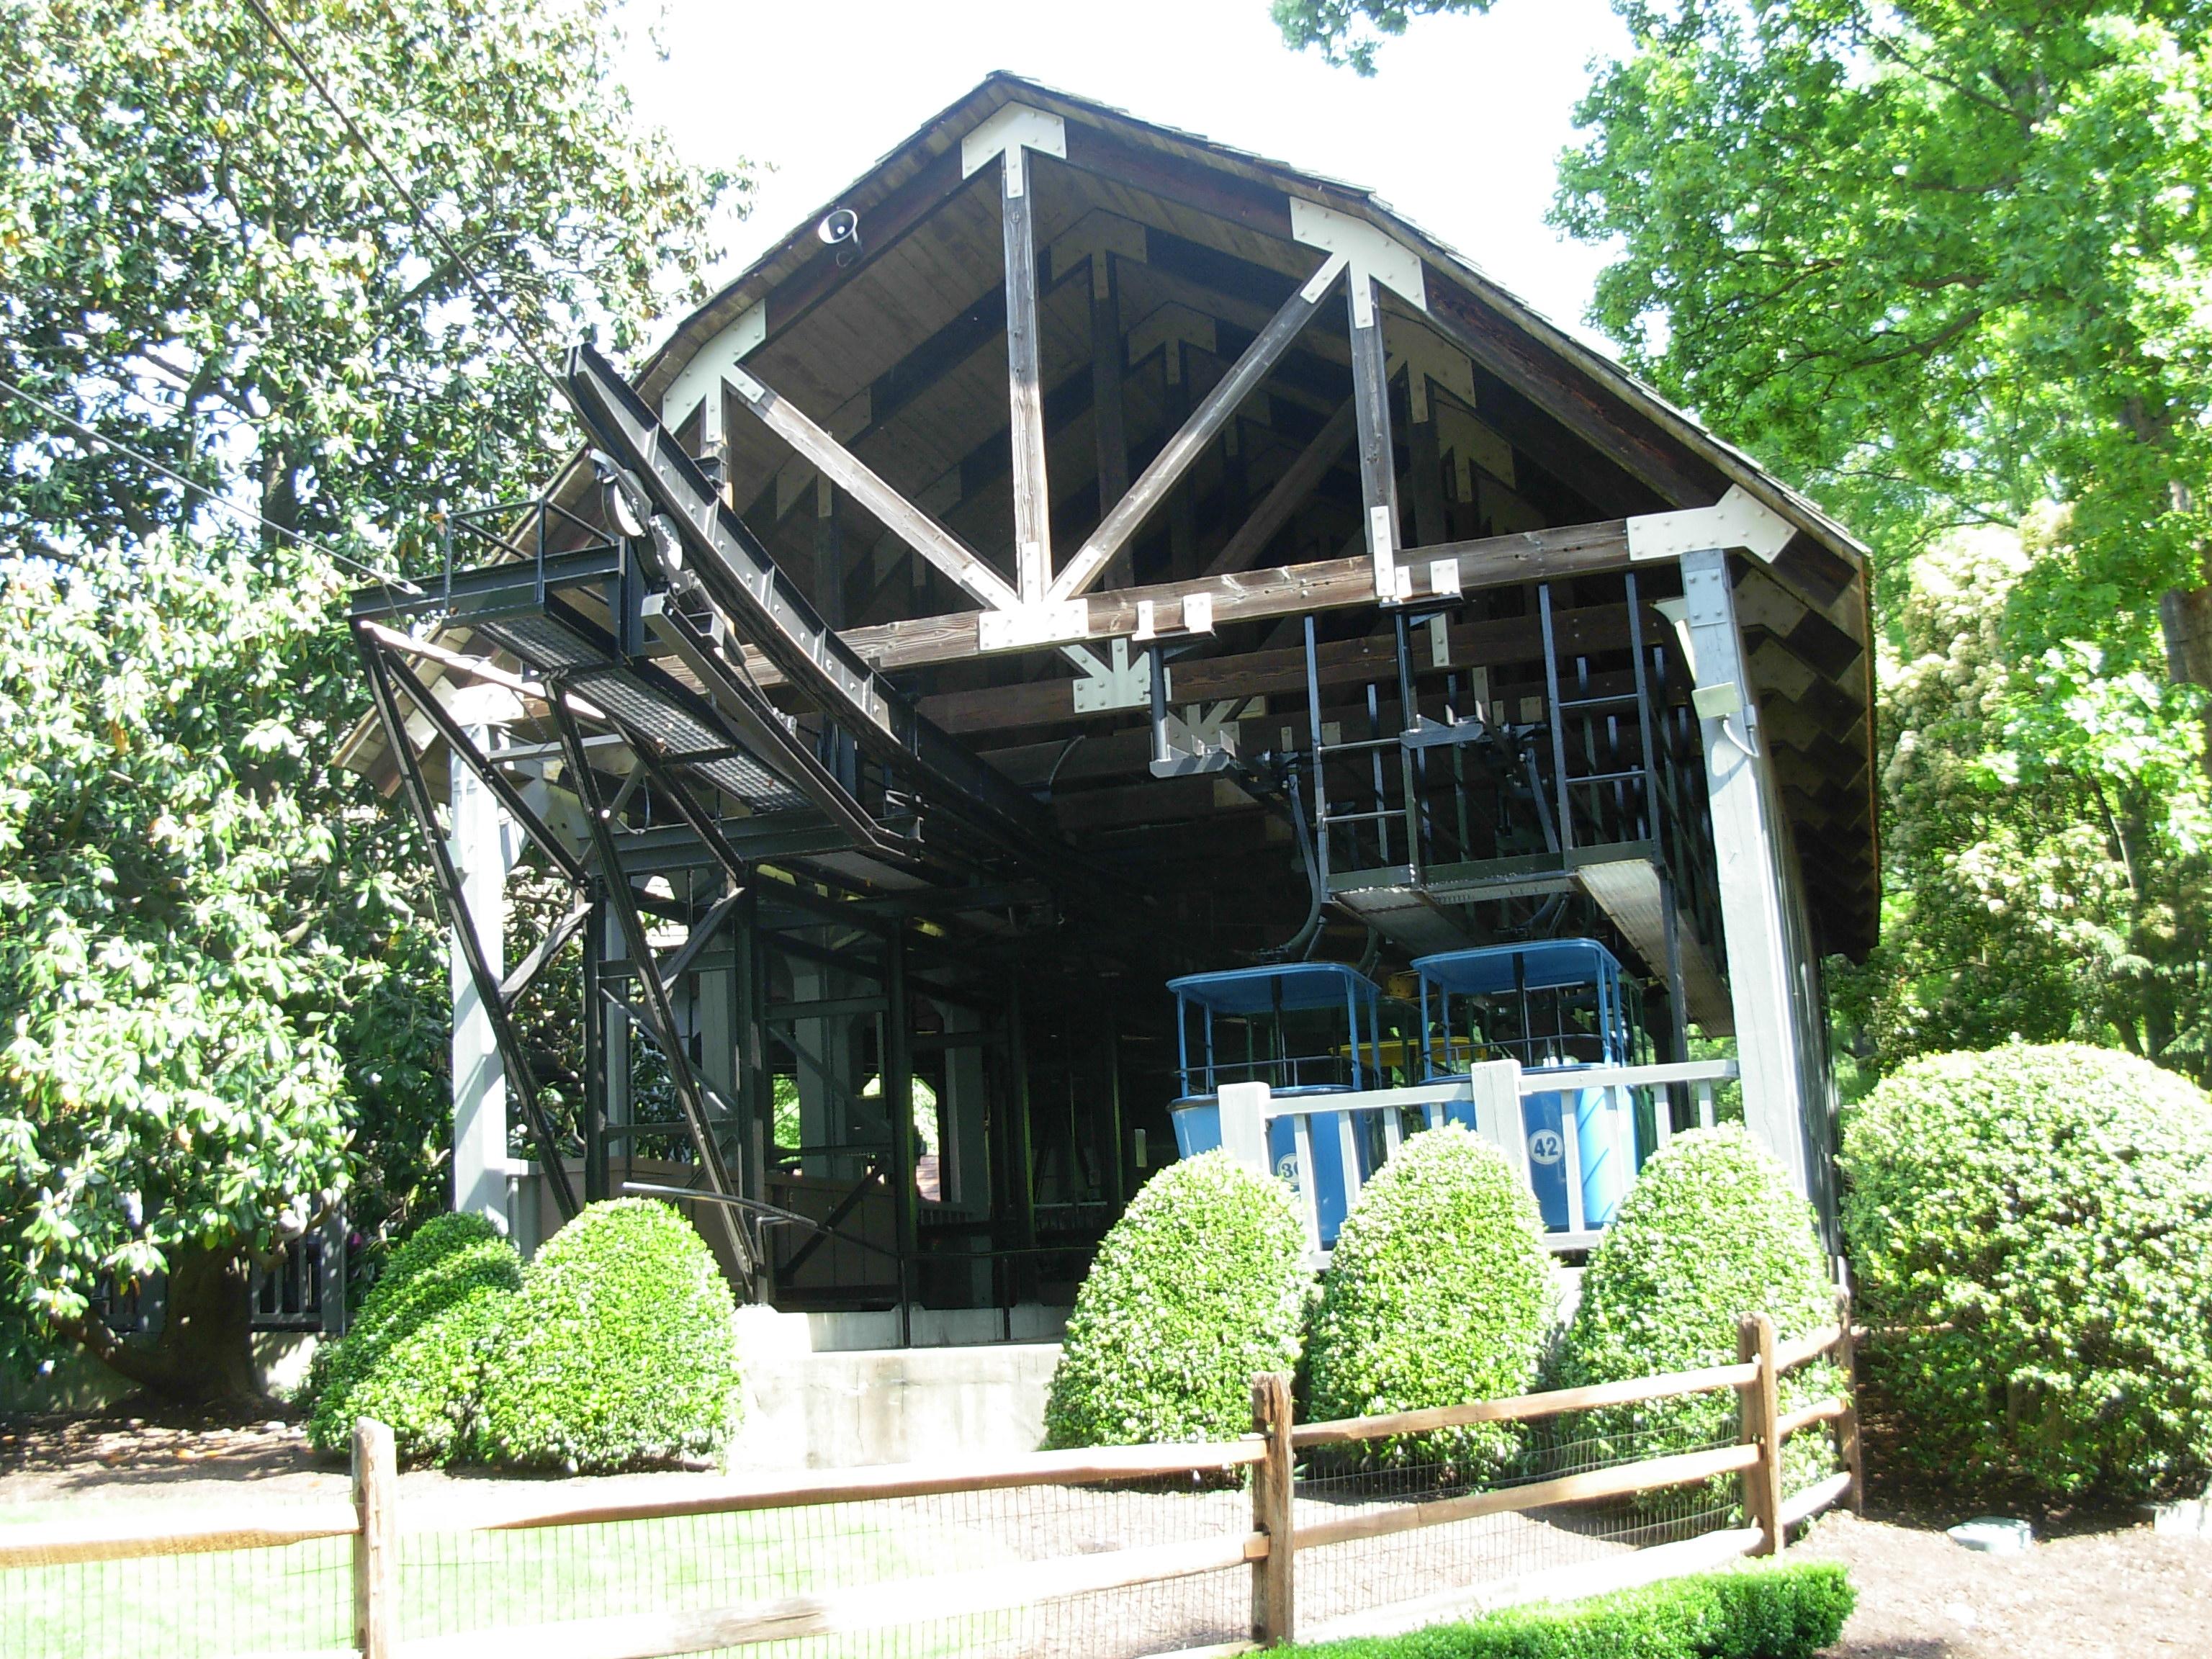 File:Skyride 1 (Busch Gardens Williamsburg)